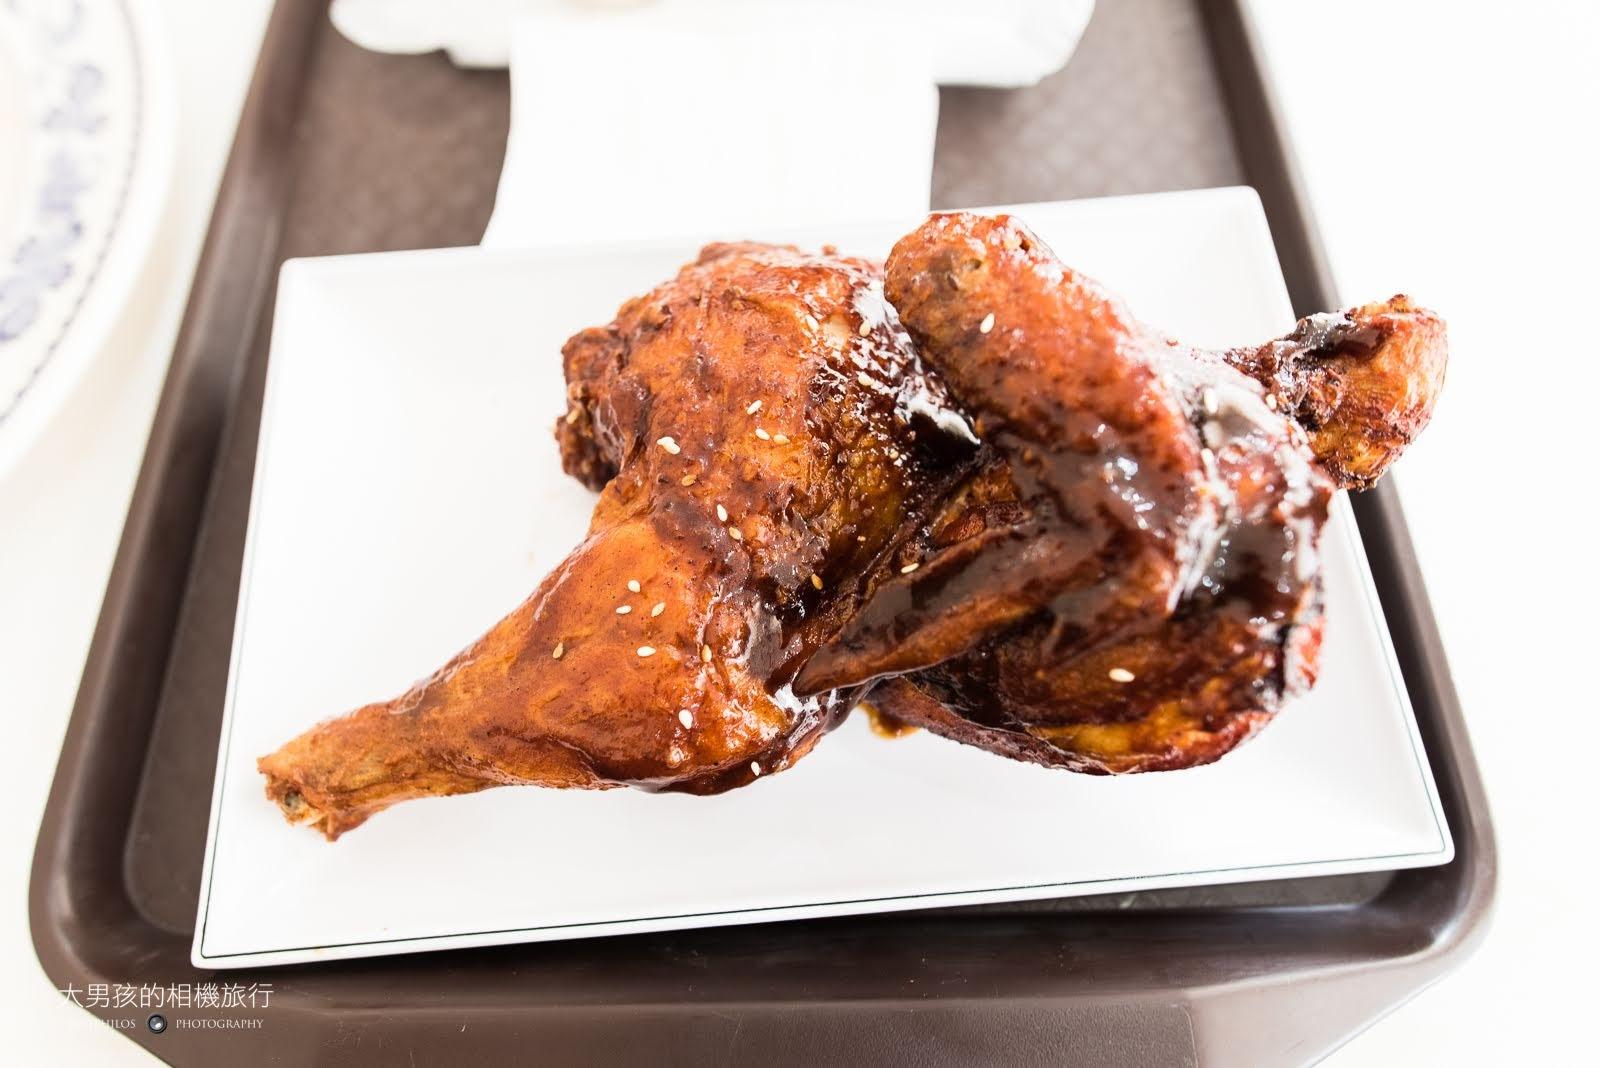 宜蘭「比薩客」令人吮指難以忘懷的可樂雞!